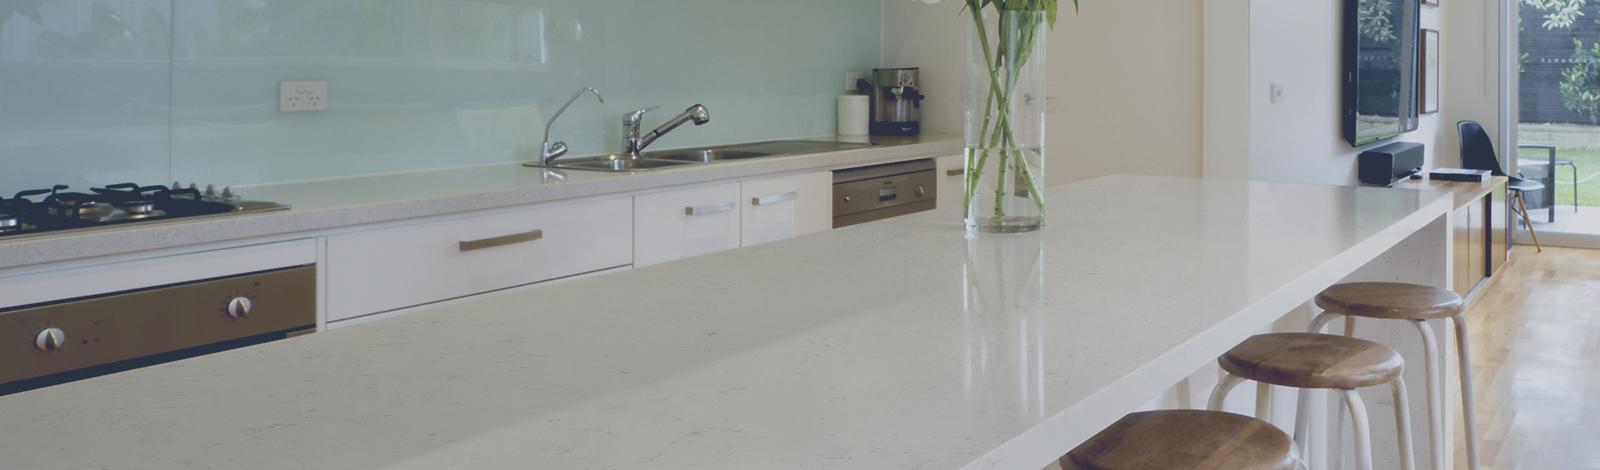 Comptoir Cuisine Et Vanite Quartz Granite Fabrique Plus